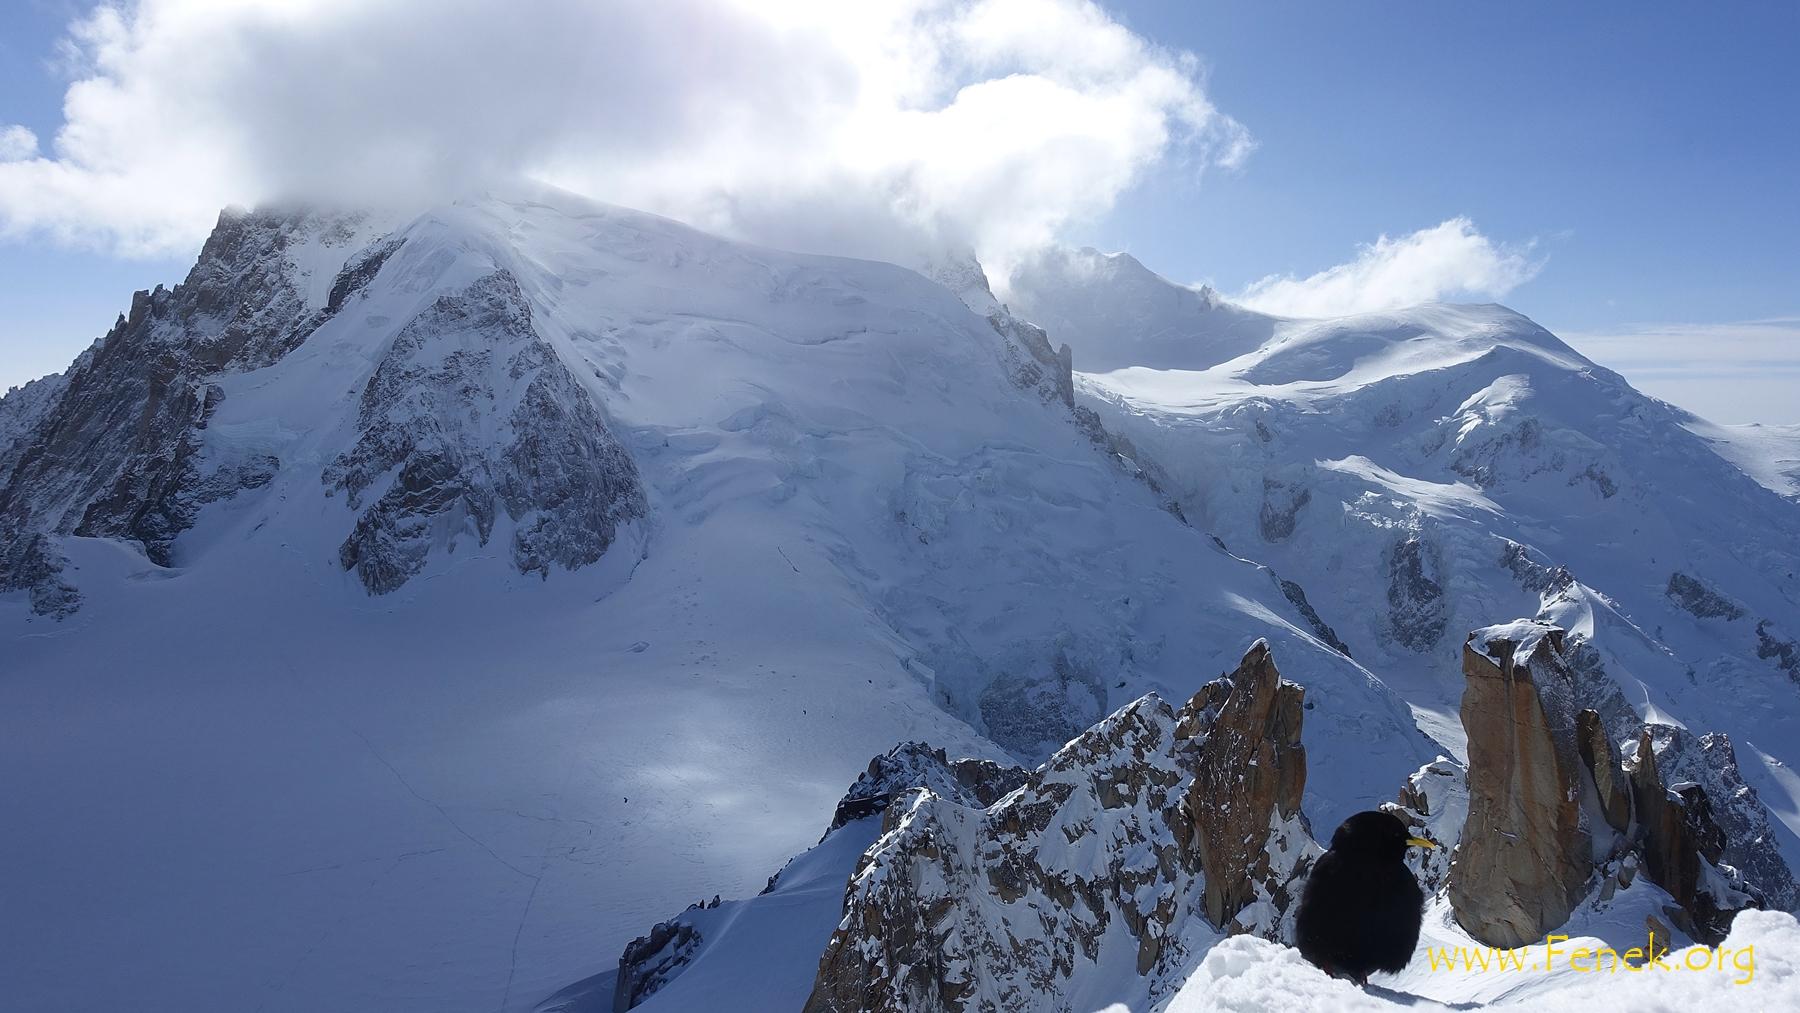 der ersehnte Augenblick auf die Flanke des Mont Blanc du Tacul